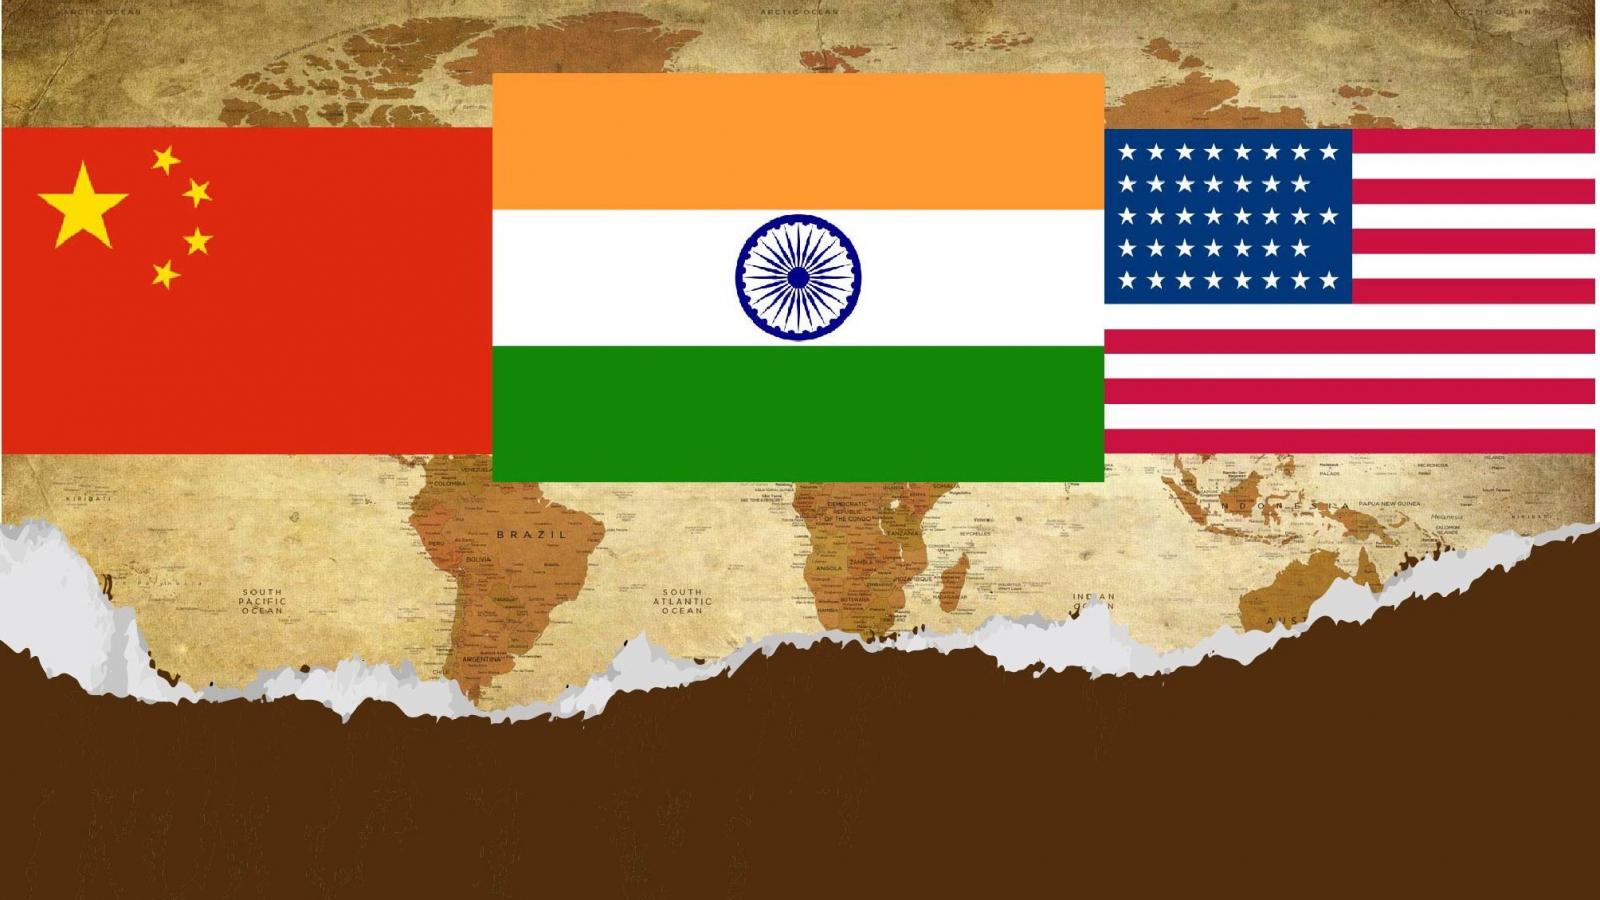 Tân Chiến tranh Lạnh và cân bằng sức mạnh trong tam giác Trung Quốc-Mỹ-Ấn Độ